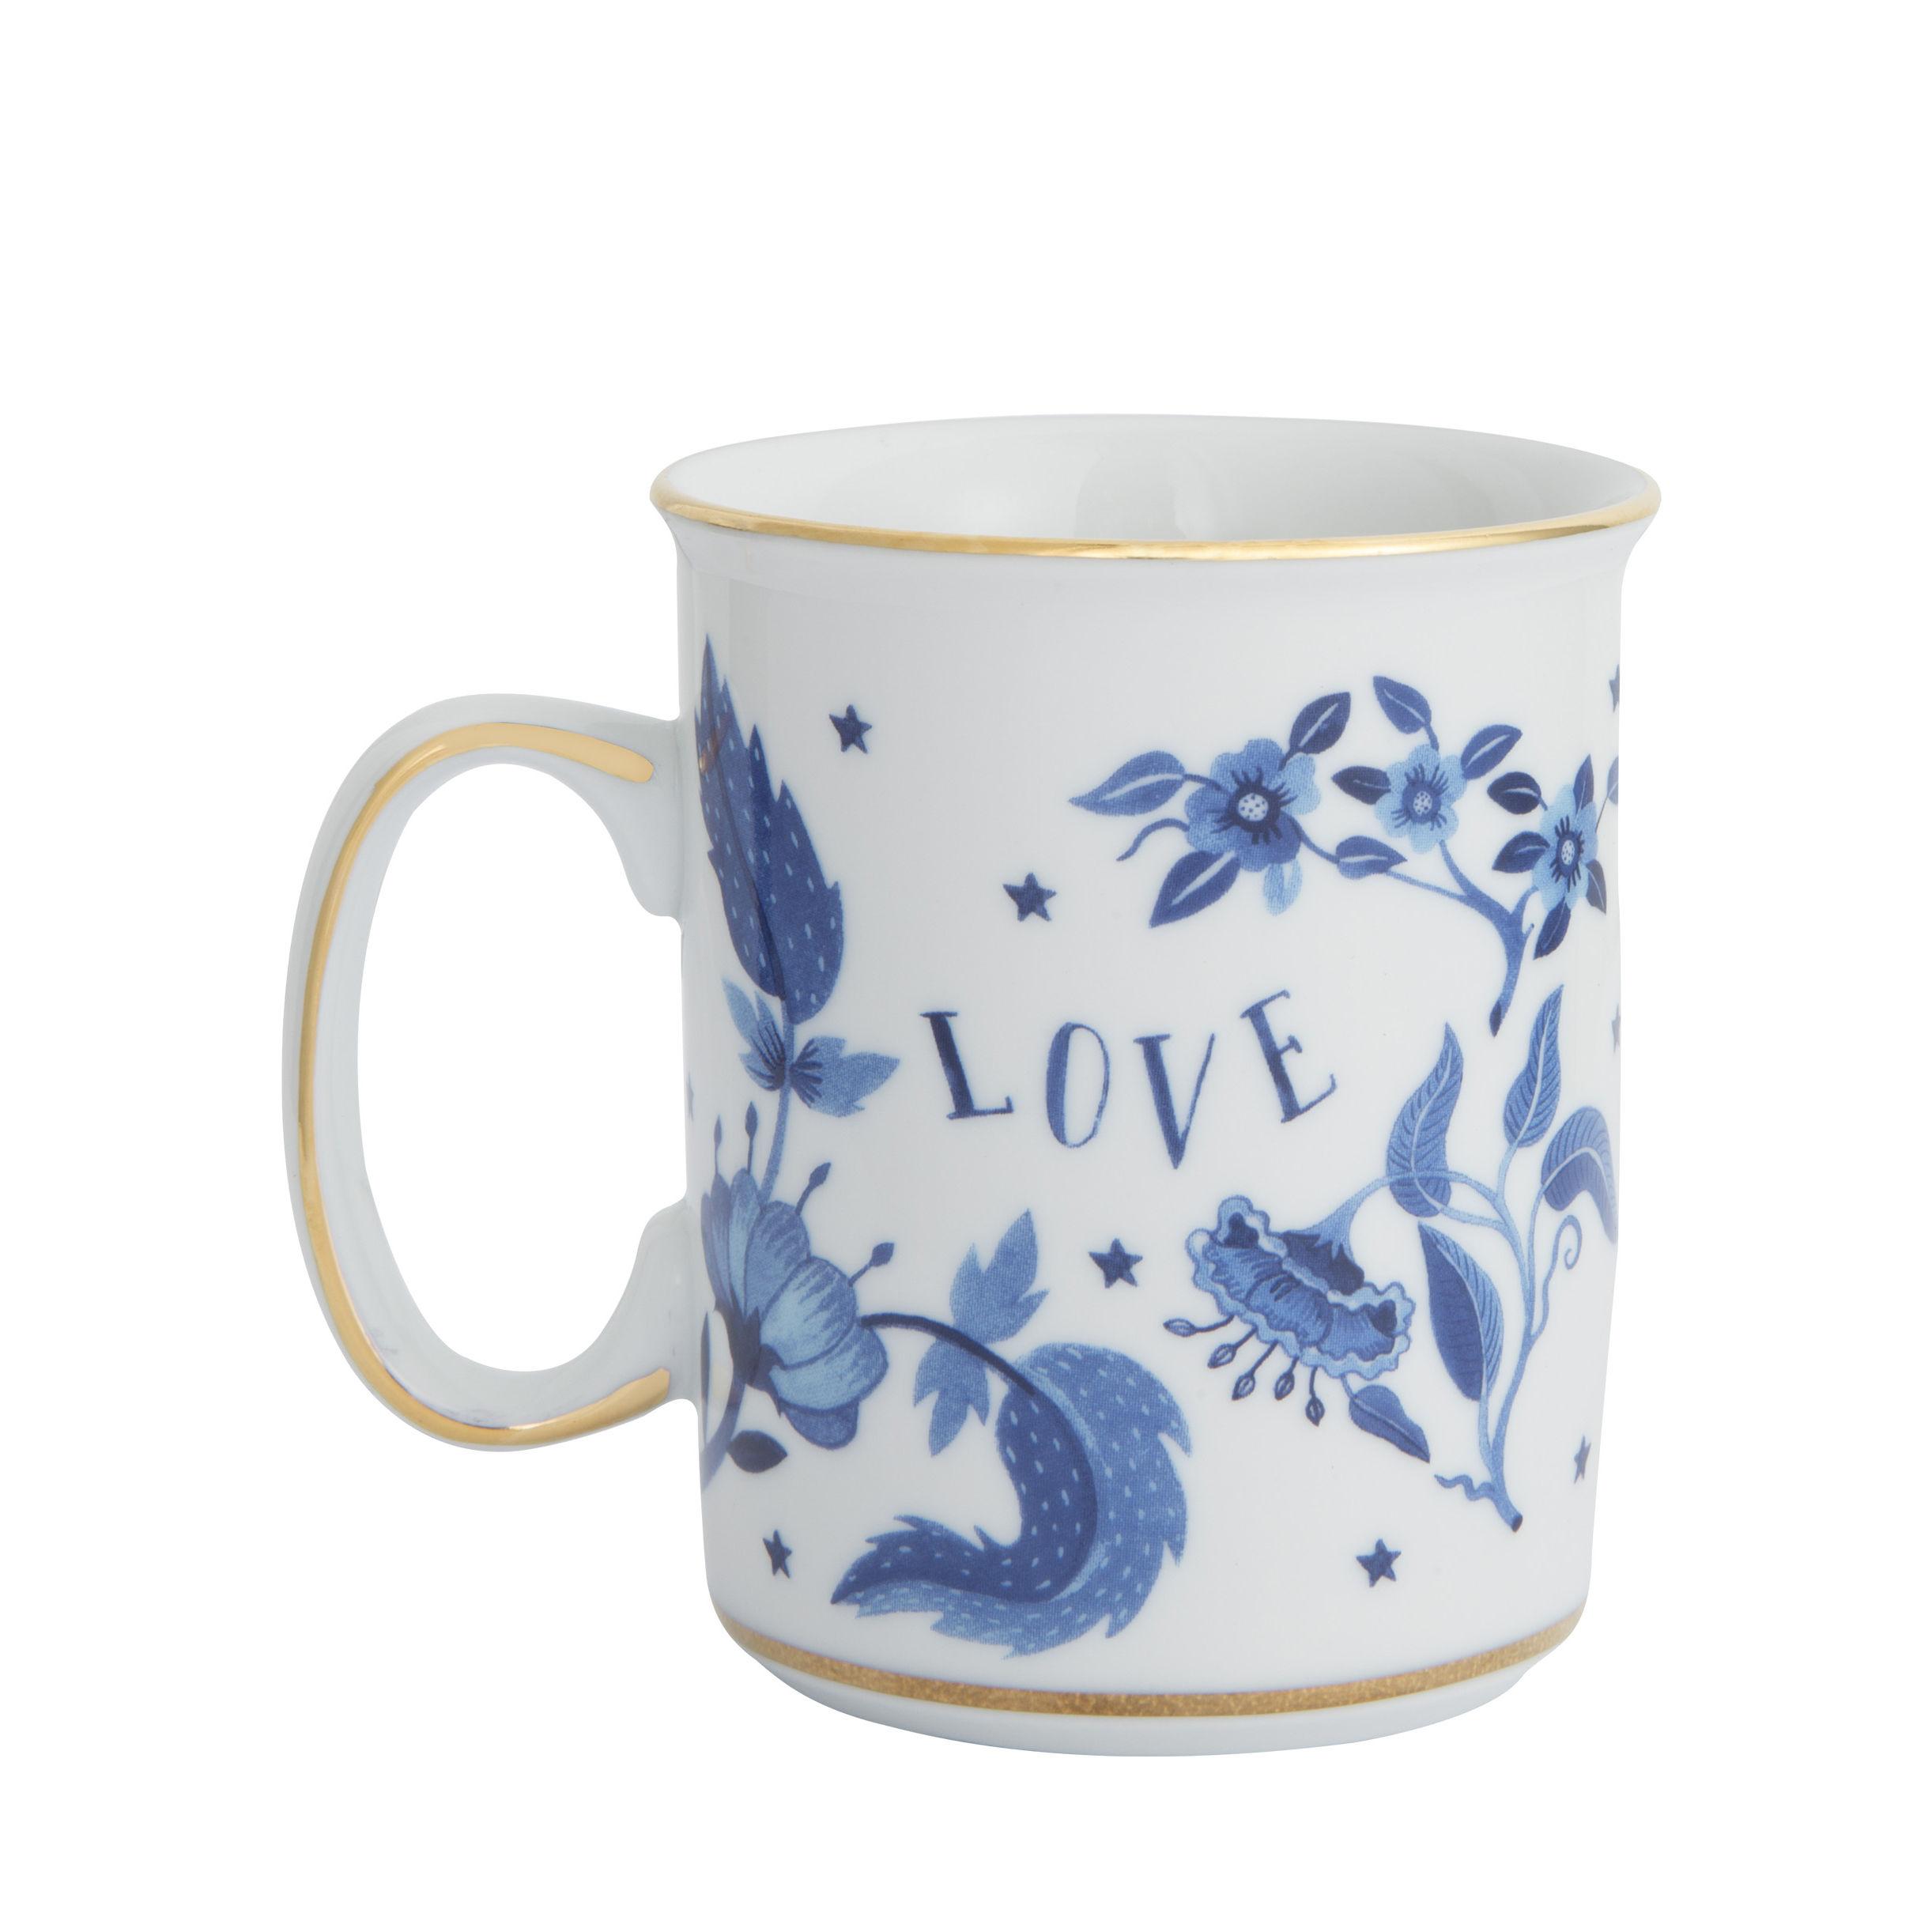 Tavola - Tazze e Boccali - Tazza Love blu - / Porcellana di Bitossi Home - Love Blu / Blu - Porcellana